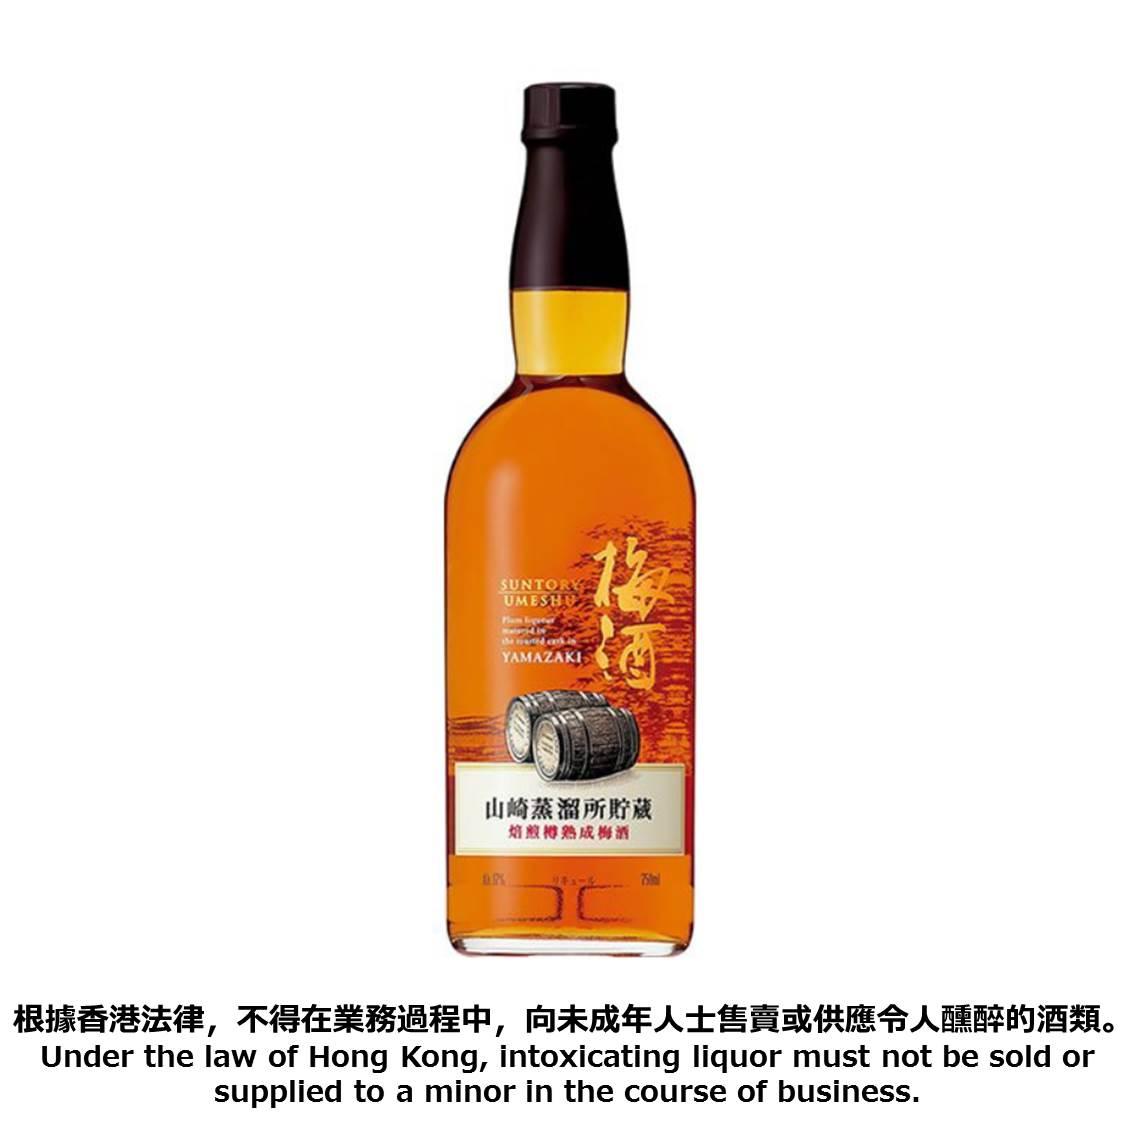 山崎蒸溜所貯藏焙煎樽熟成梅酒